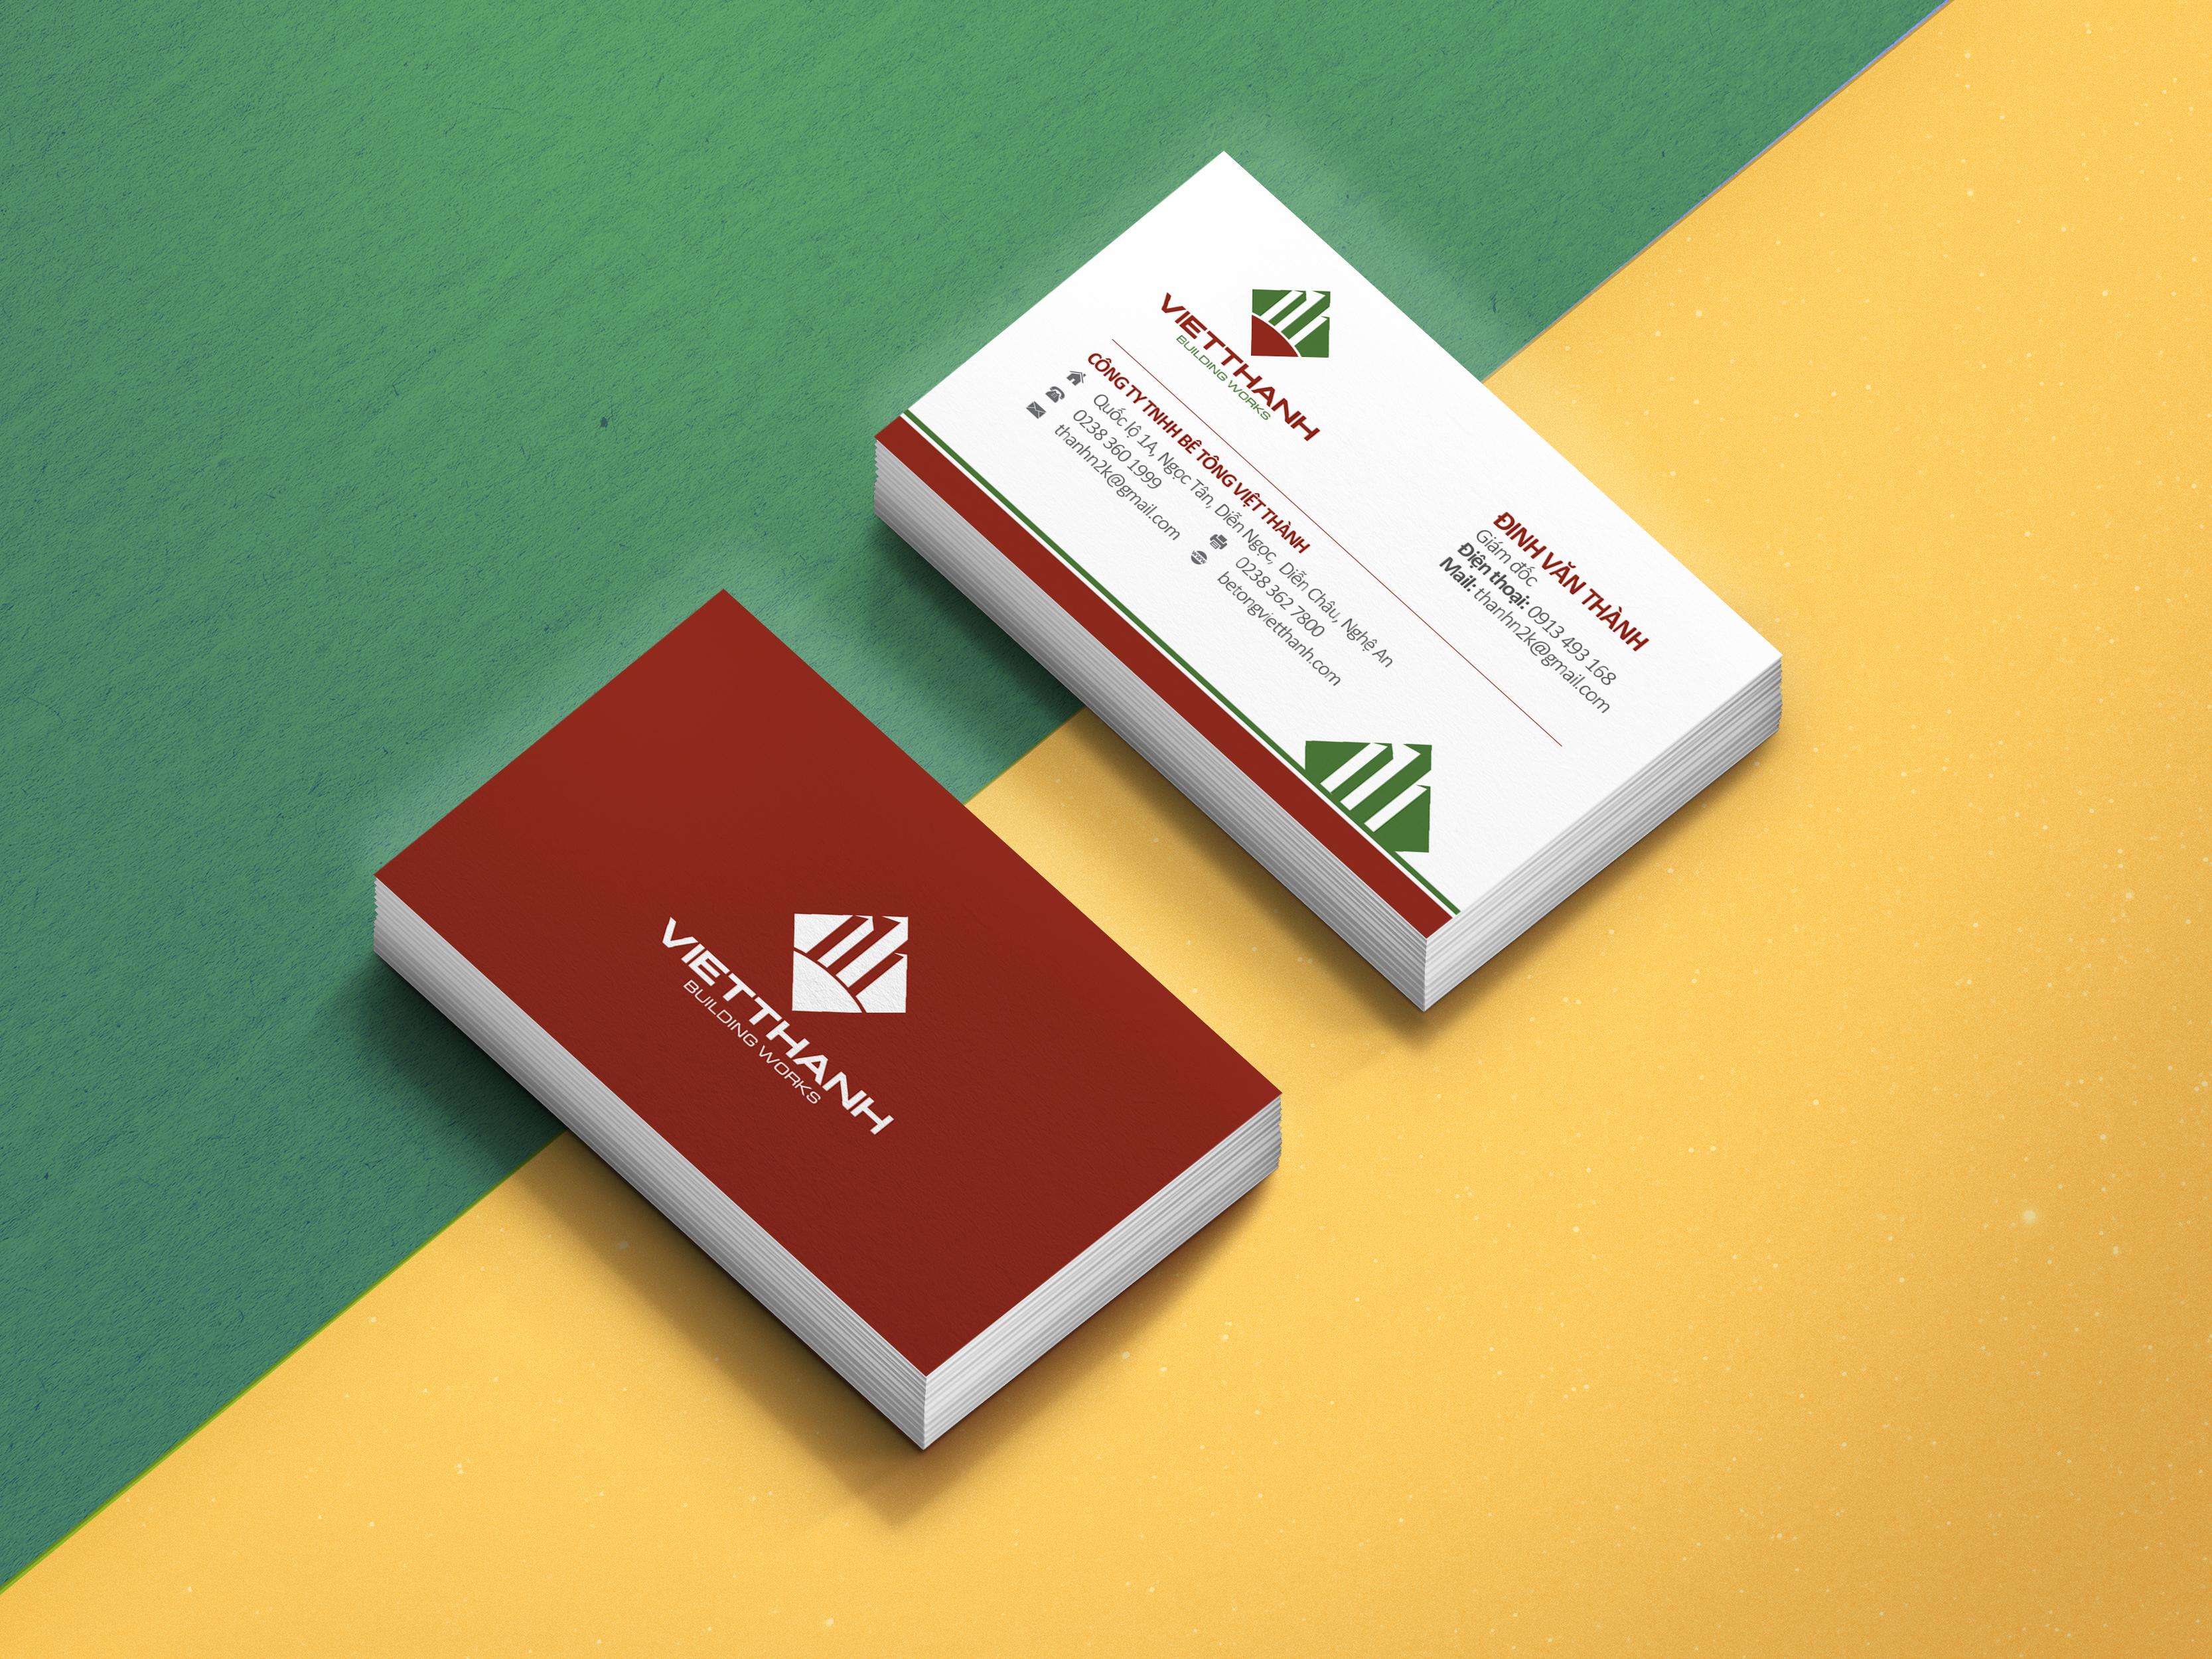 Thiết kế logo và bộ nhận diện thương hiệu cơ bản Công ty bê tông Việt Thành tại Hà Giang